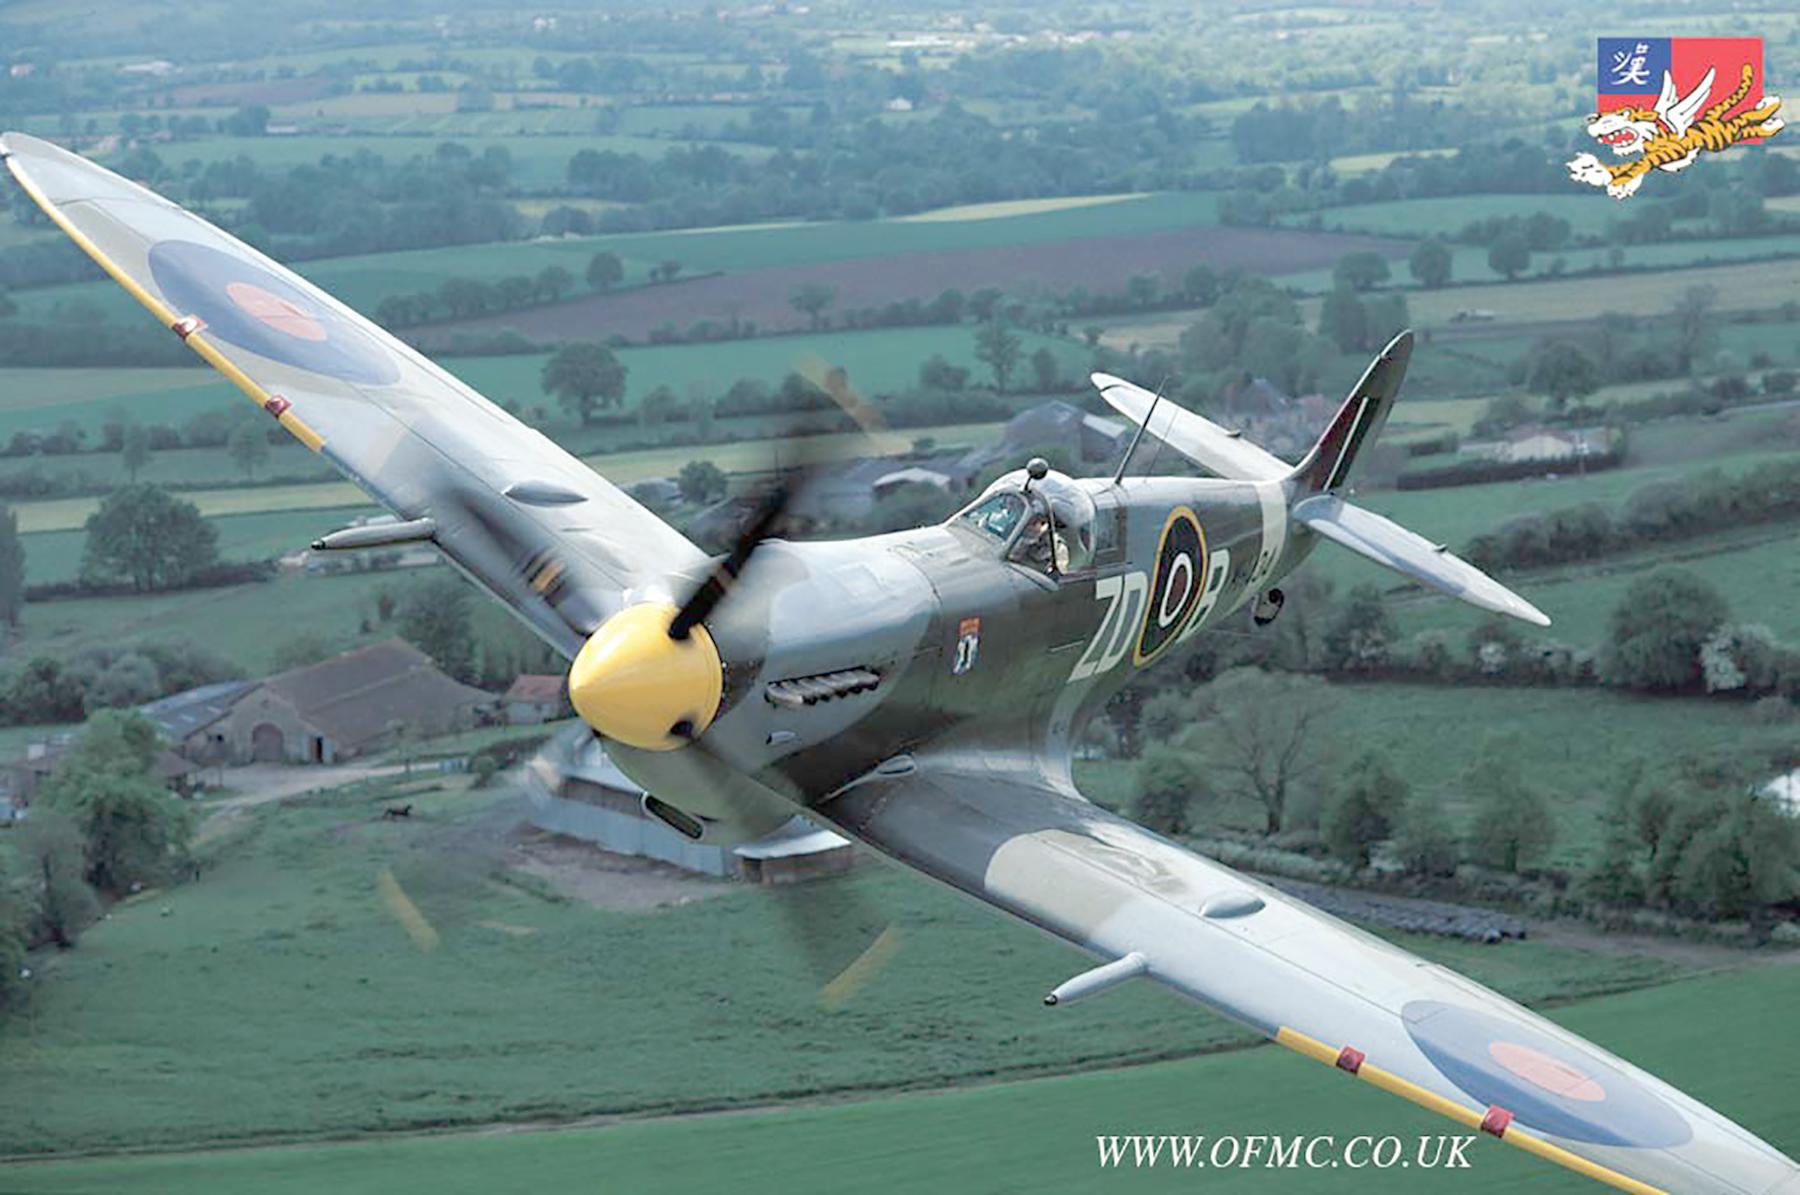 Airworthy Spitfire warbird RAF 222Sqn ZDB MH434 England 20